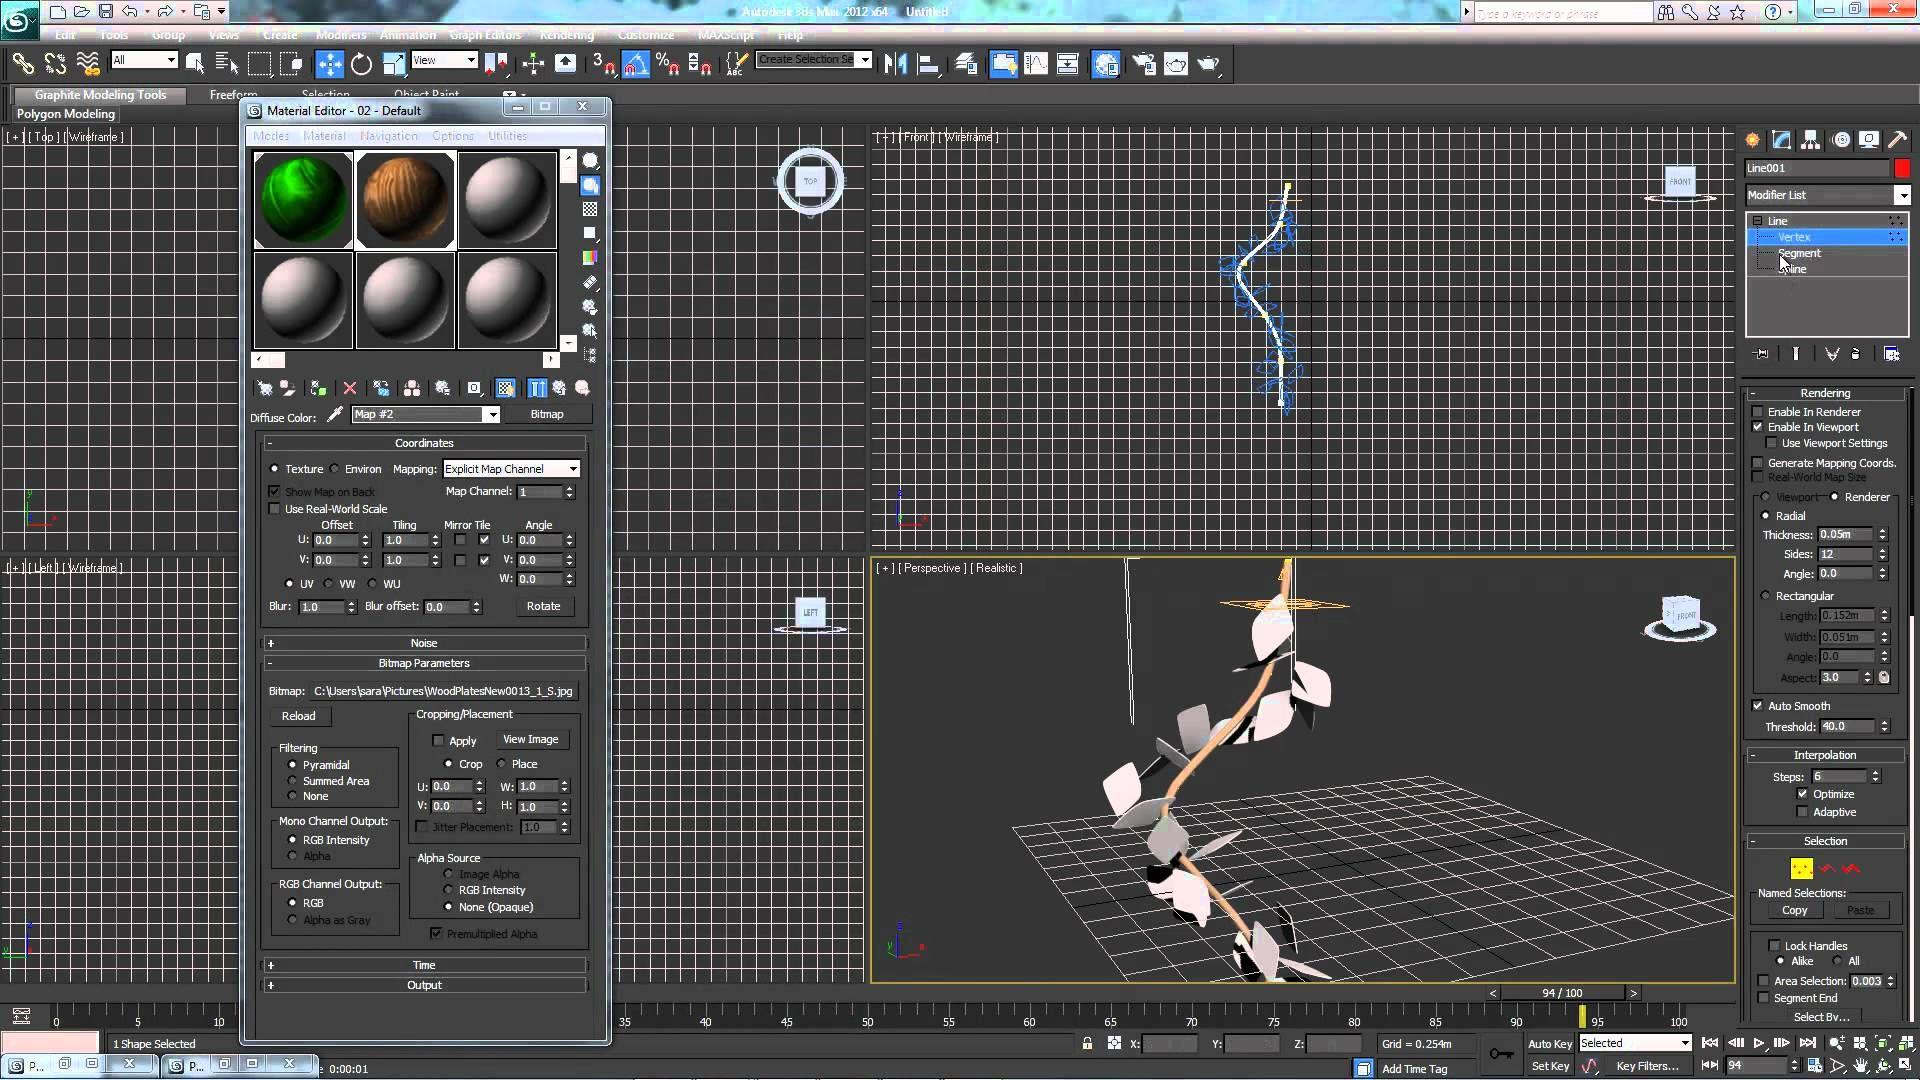 Particle flow 3ds Max 2012 tutorial.español